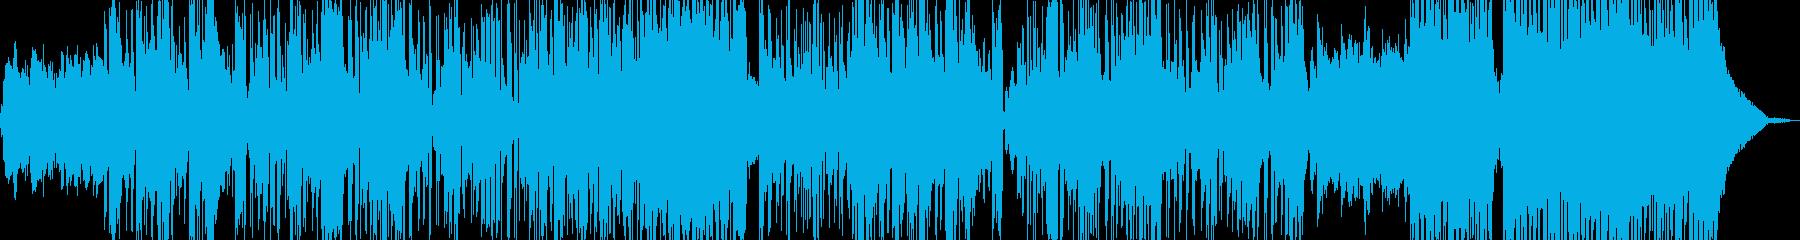 新鮮な空気感を演出・クールビート B2の再生済みの波形